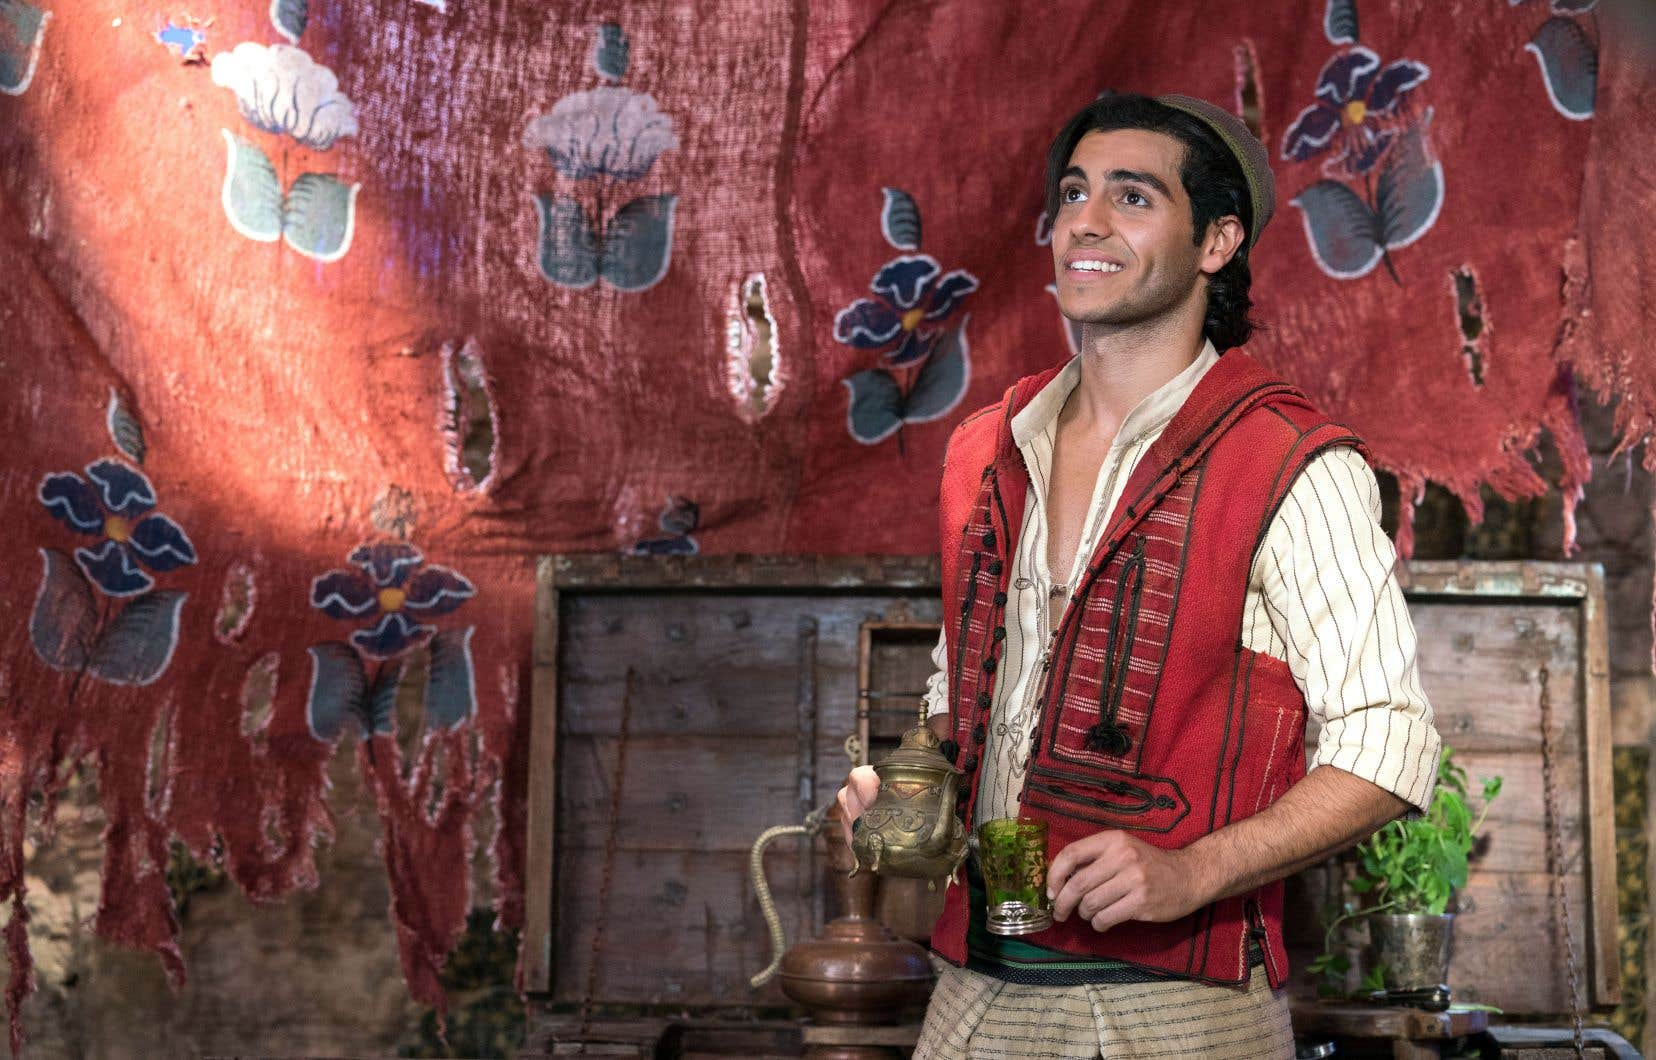 Dans le rôle d'Aladdin, le Canadien Mena Massoud est drôle et fougueux, avec la note de romantisme attendue.